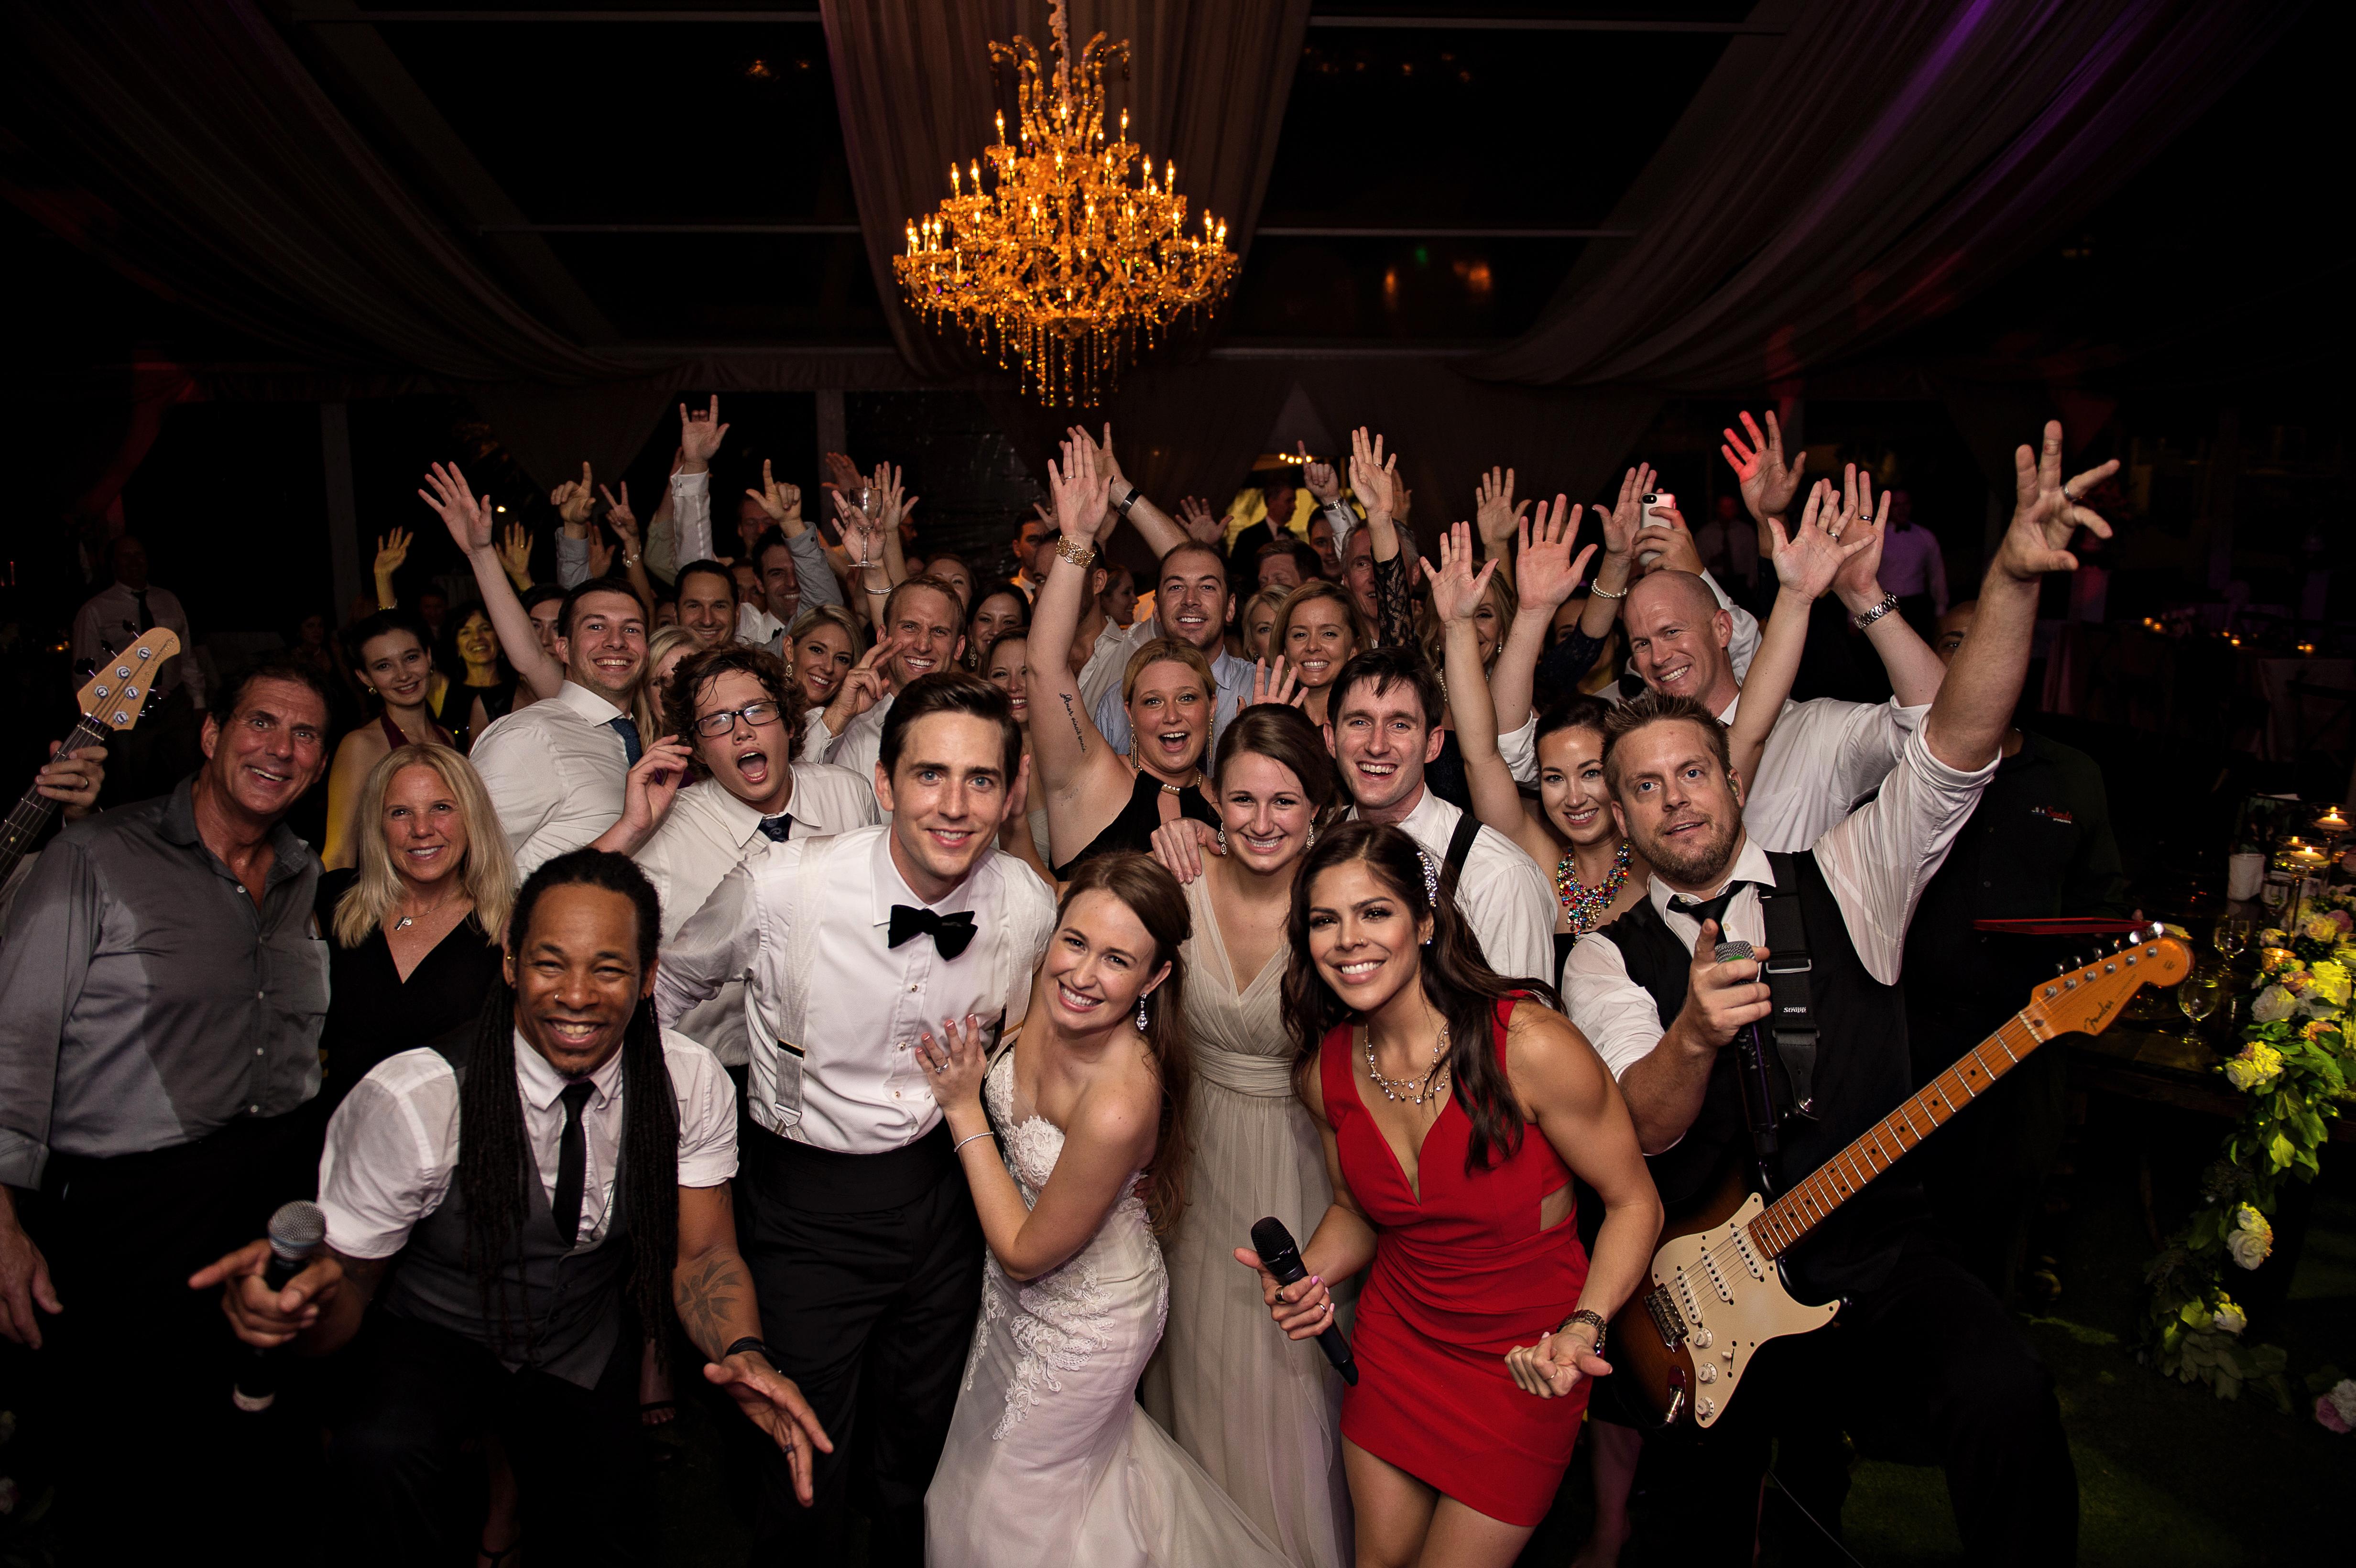 isleworth country club reception wedding